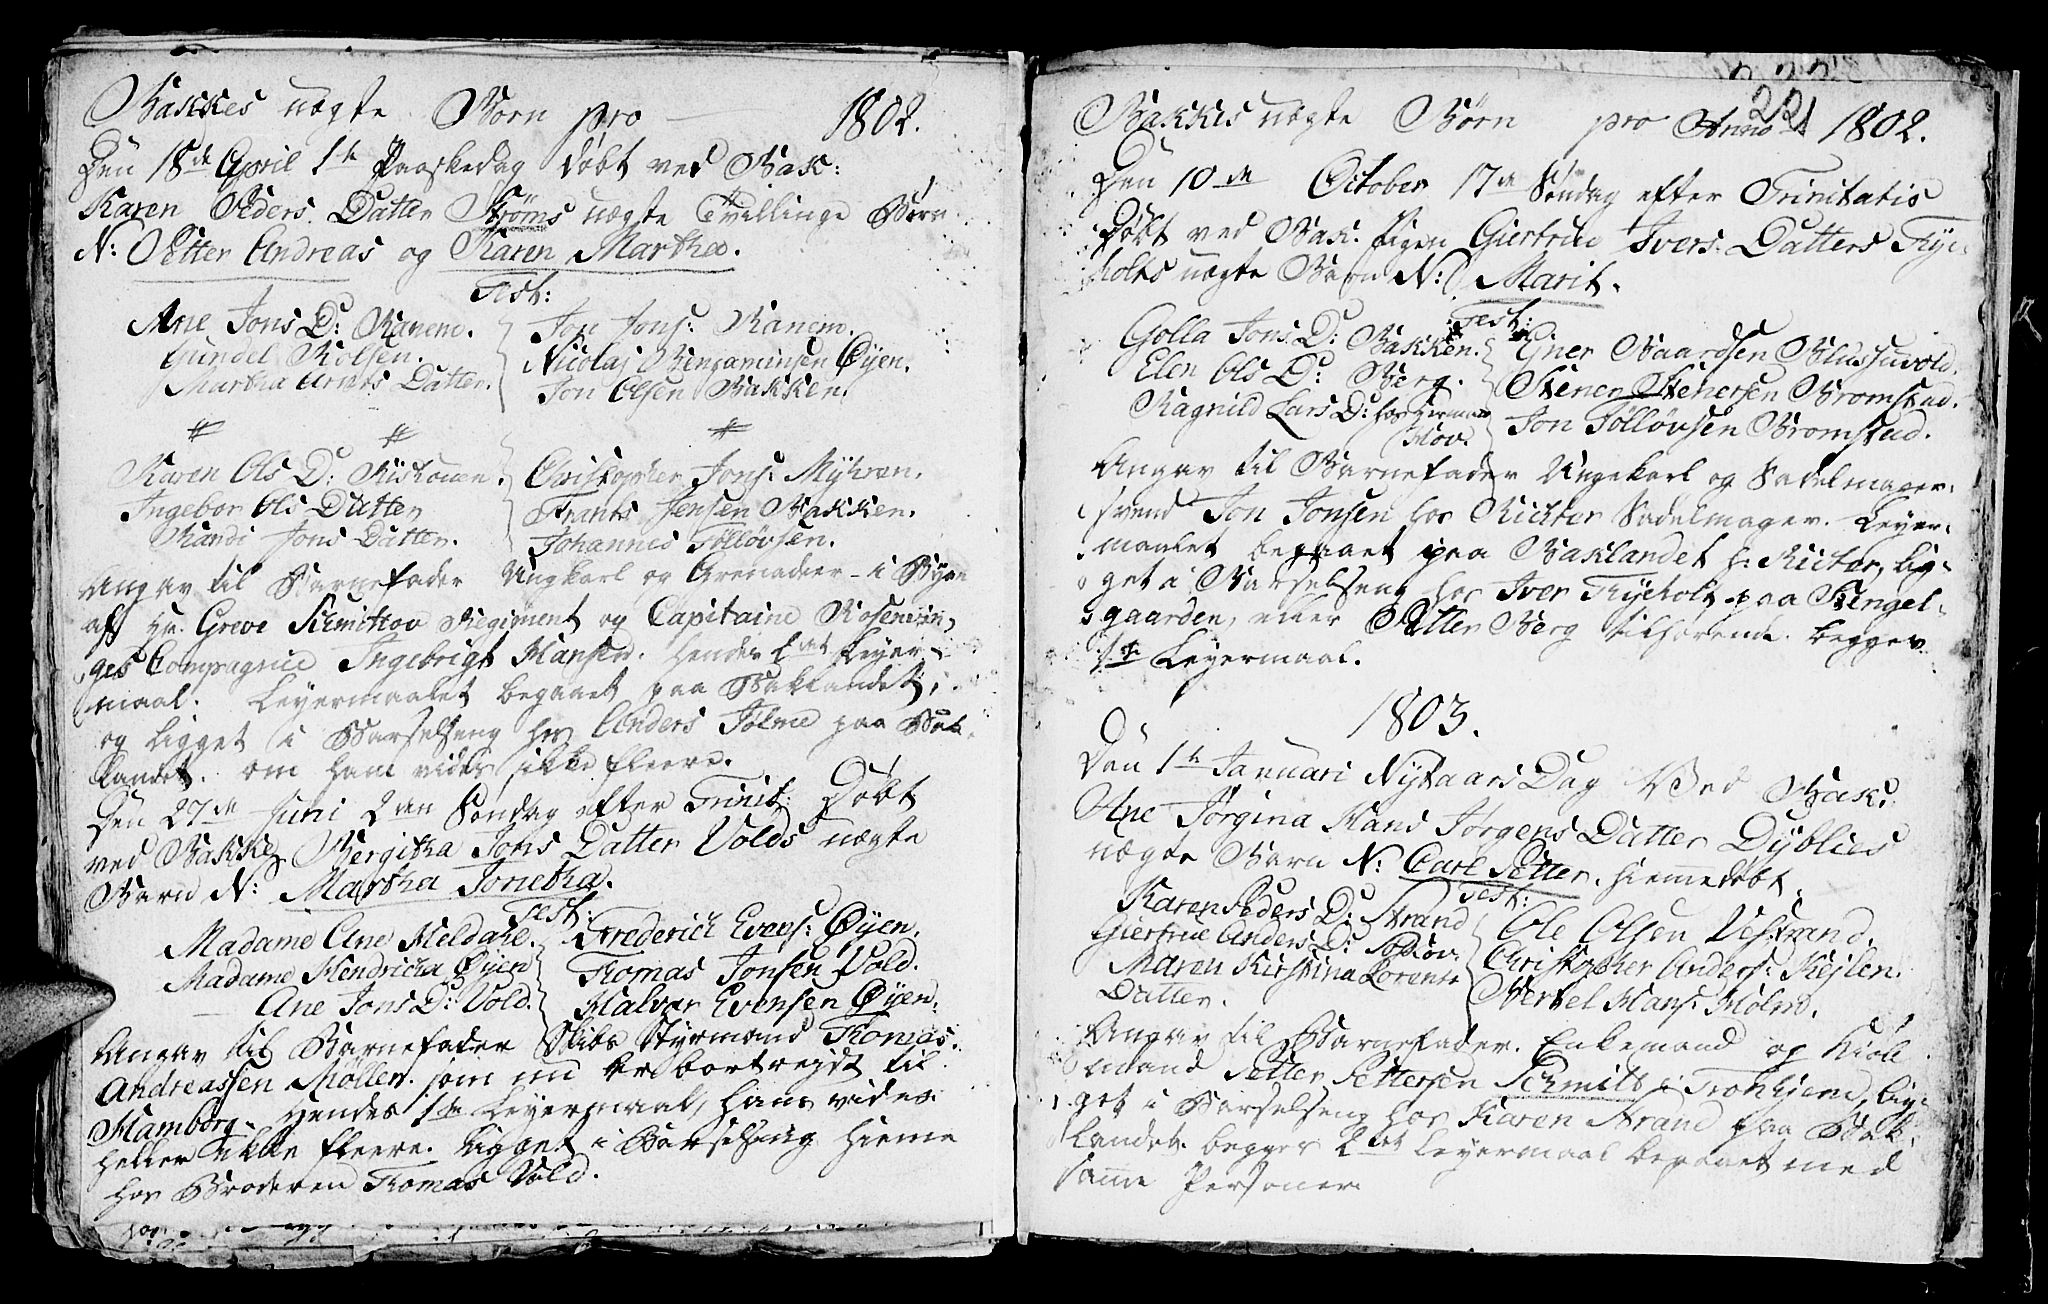 SAT, Ministerialprotokoller, klokkerbøker og fødselsregistre - Sør-Trøndelag, 604/L0218: Klokkerbok nr. 604C01, 1754-1819, s. 221